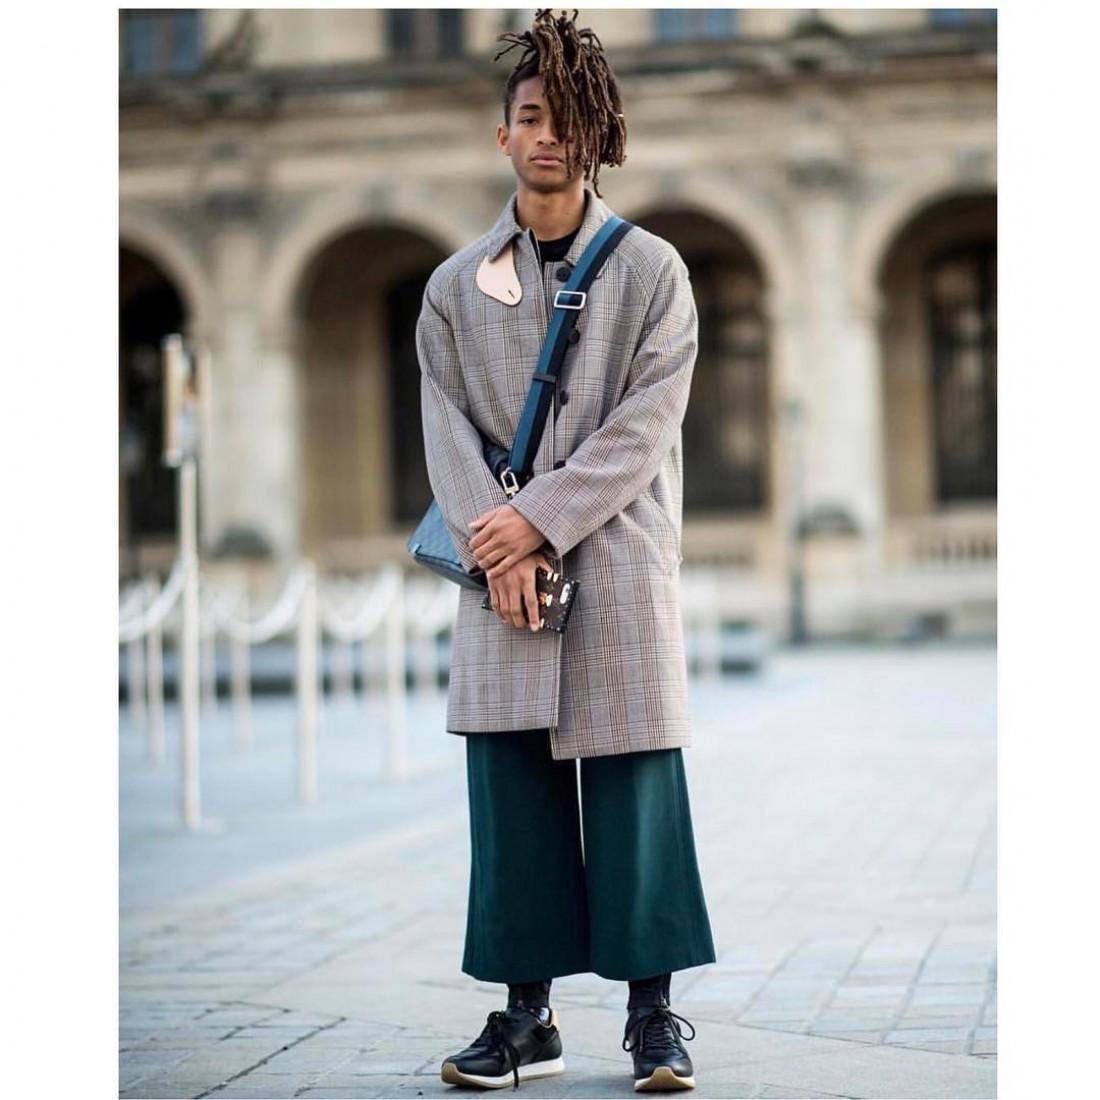 Успешный с молодости: сын Уилла Смита стал лицом Louis Vuitton